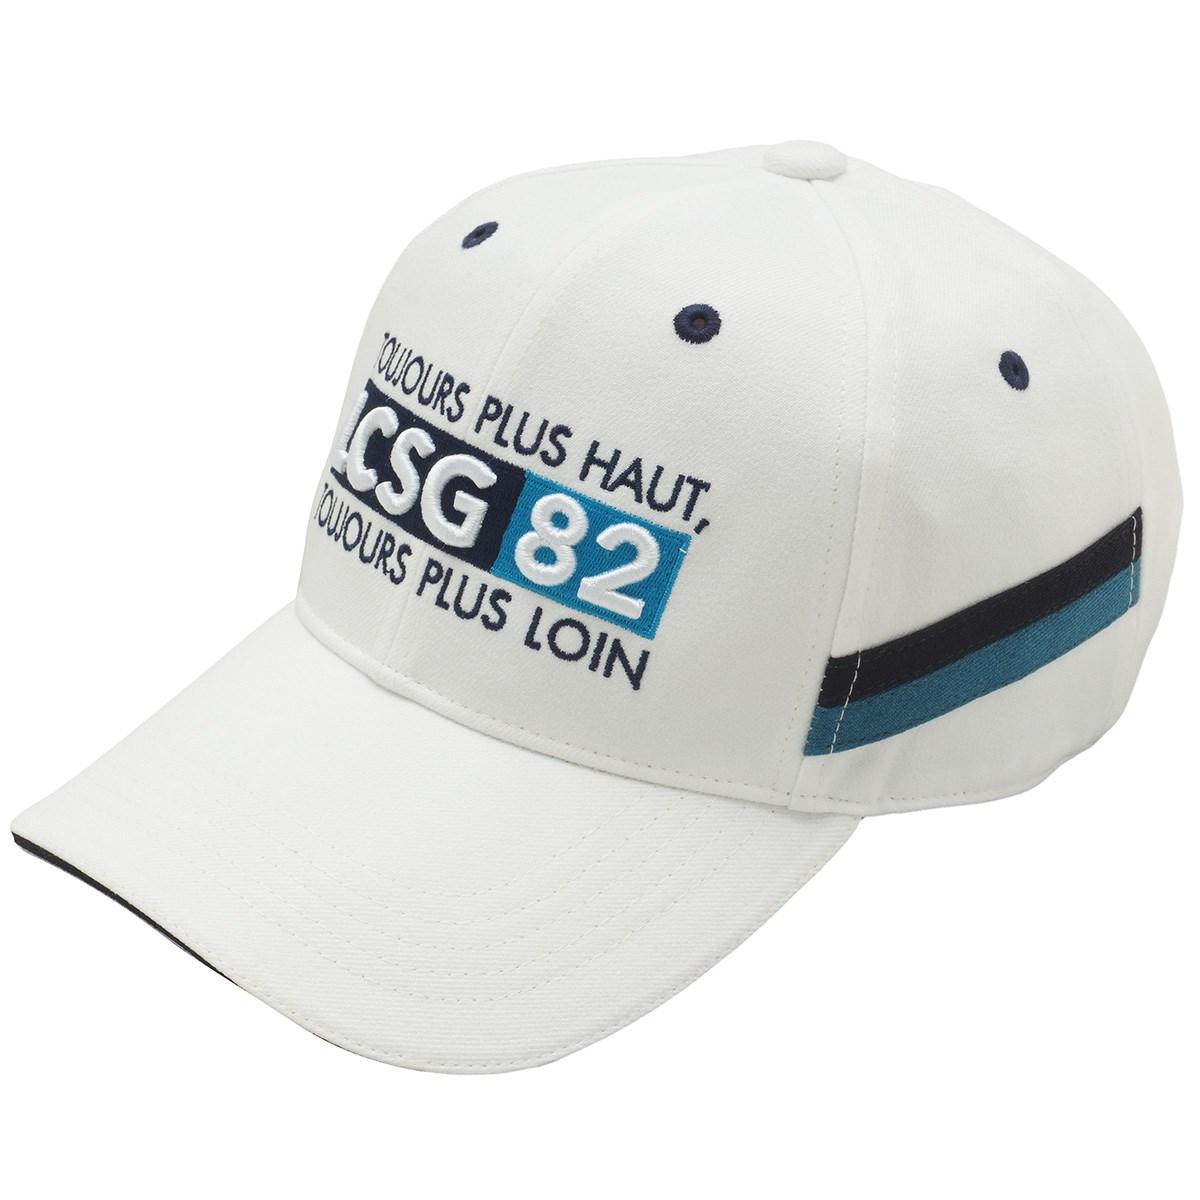 ルコックゴルフ Le coq sportif GOLF ウールライクウェア連動ロゴキャップ フリー ホワイト 00